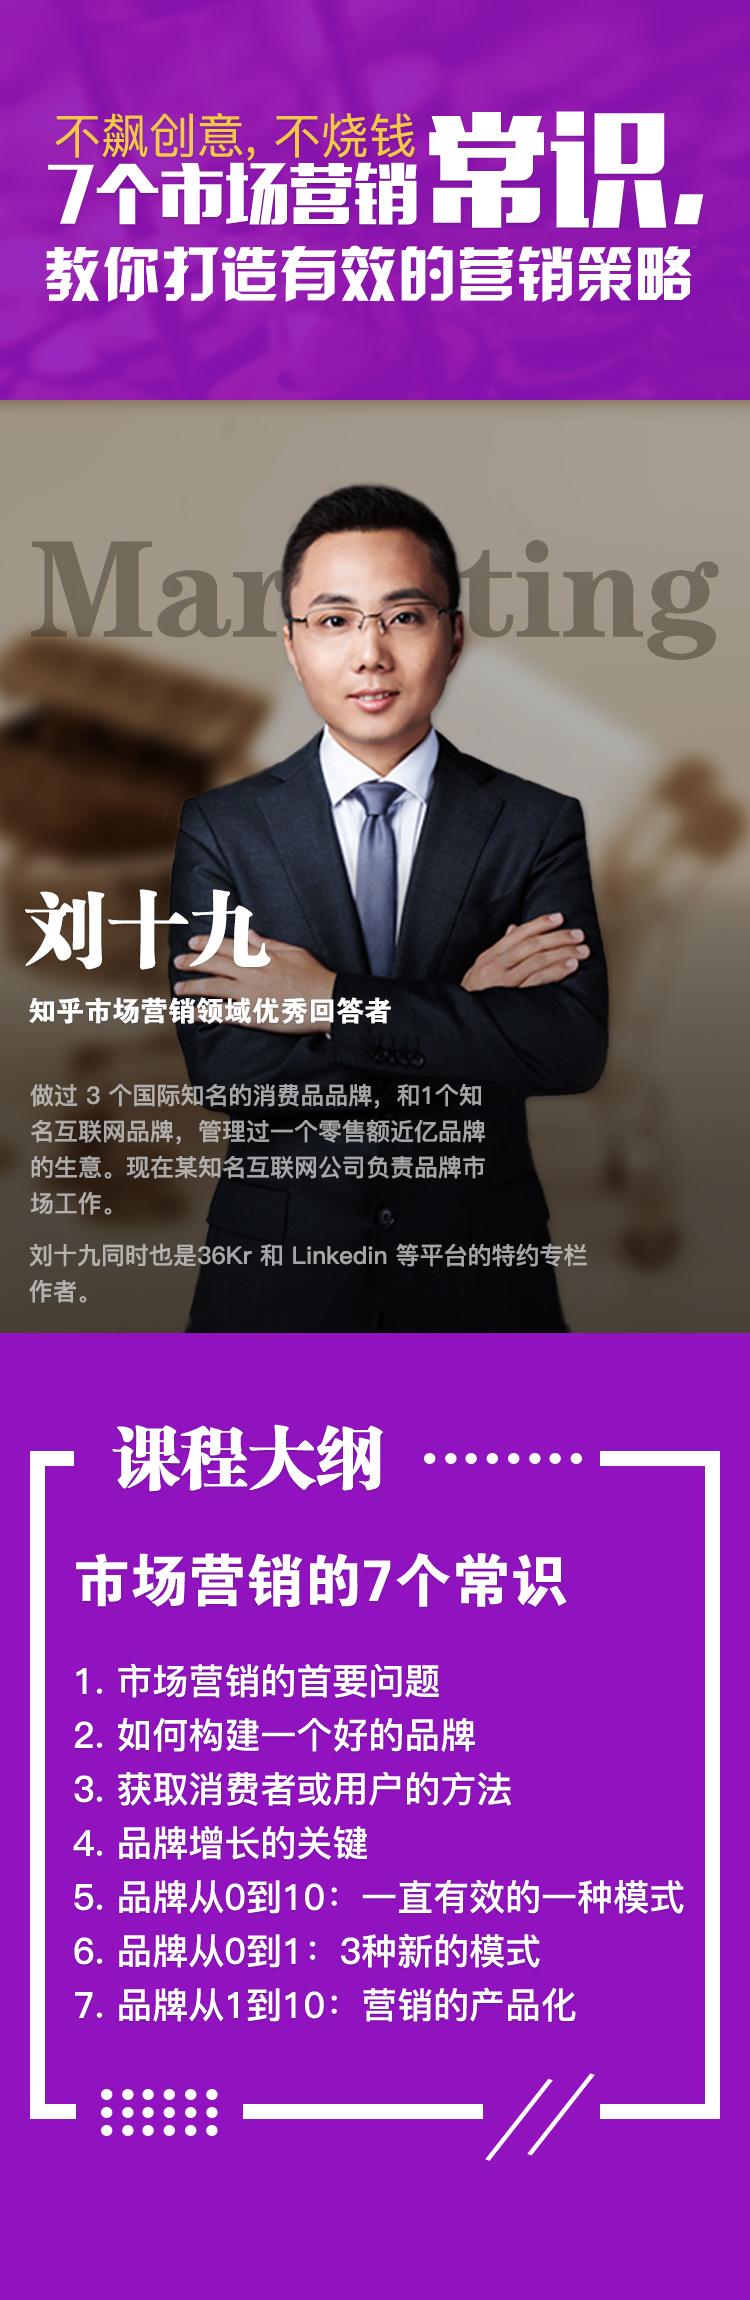 http://mtedu-img.oss-cn-beijing-internal.aliyuncs.com/ueditor/20180109193459_878694.jpg